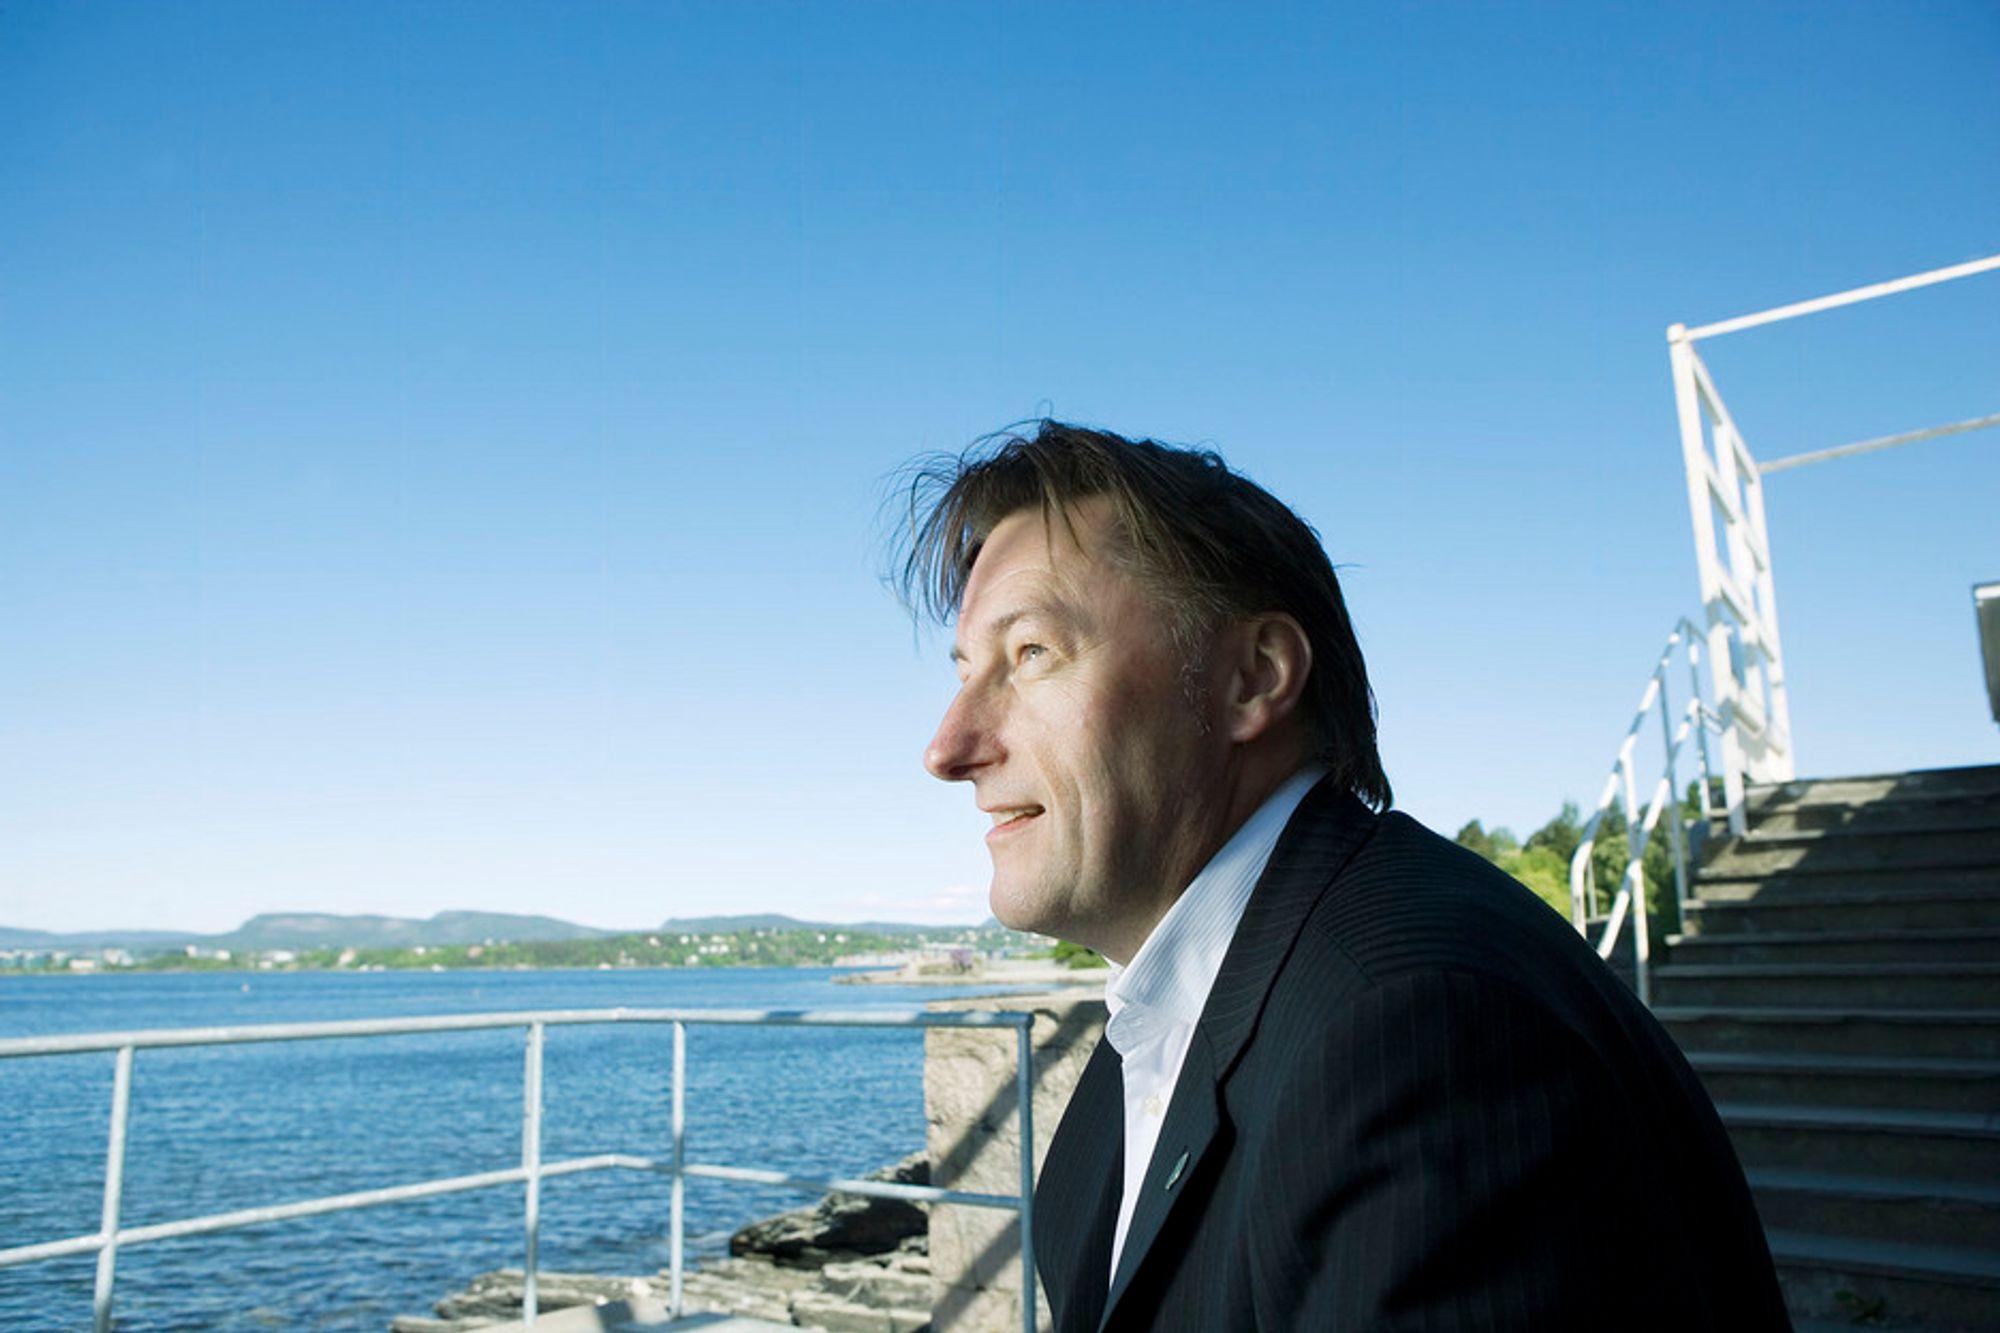 Helge Kvamme i PwC mener granskere bør autoriseres for å ivareta rettssikkerheten.